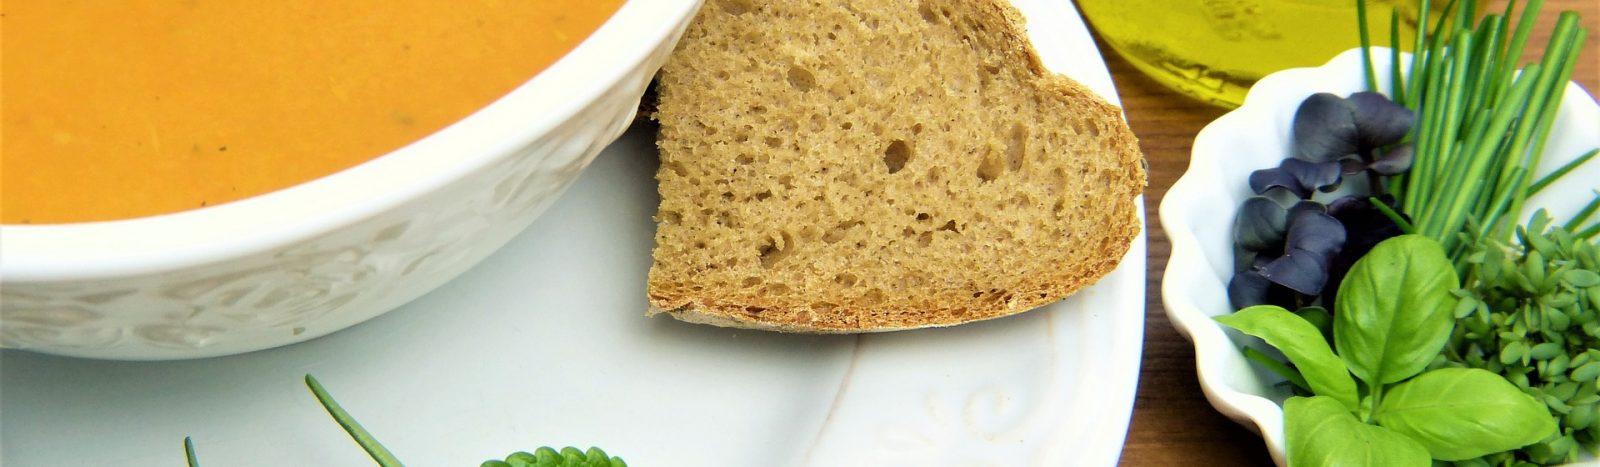 carrot-soup-2192152_1920_mlogo